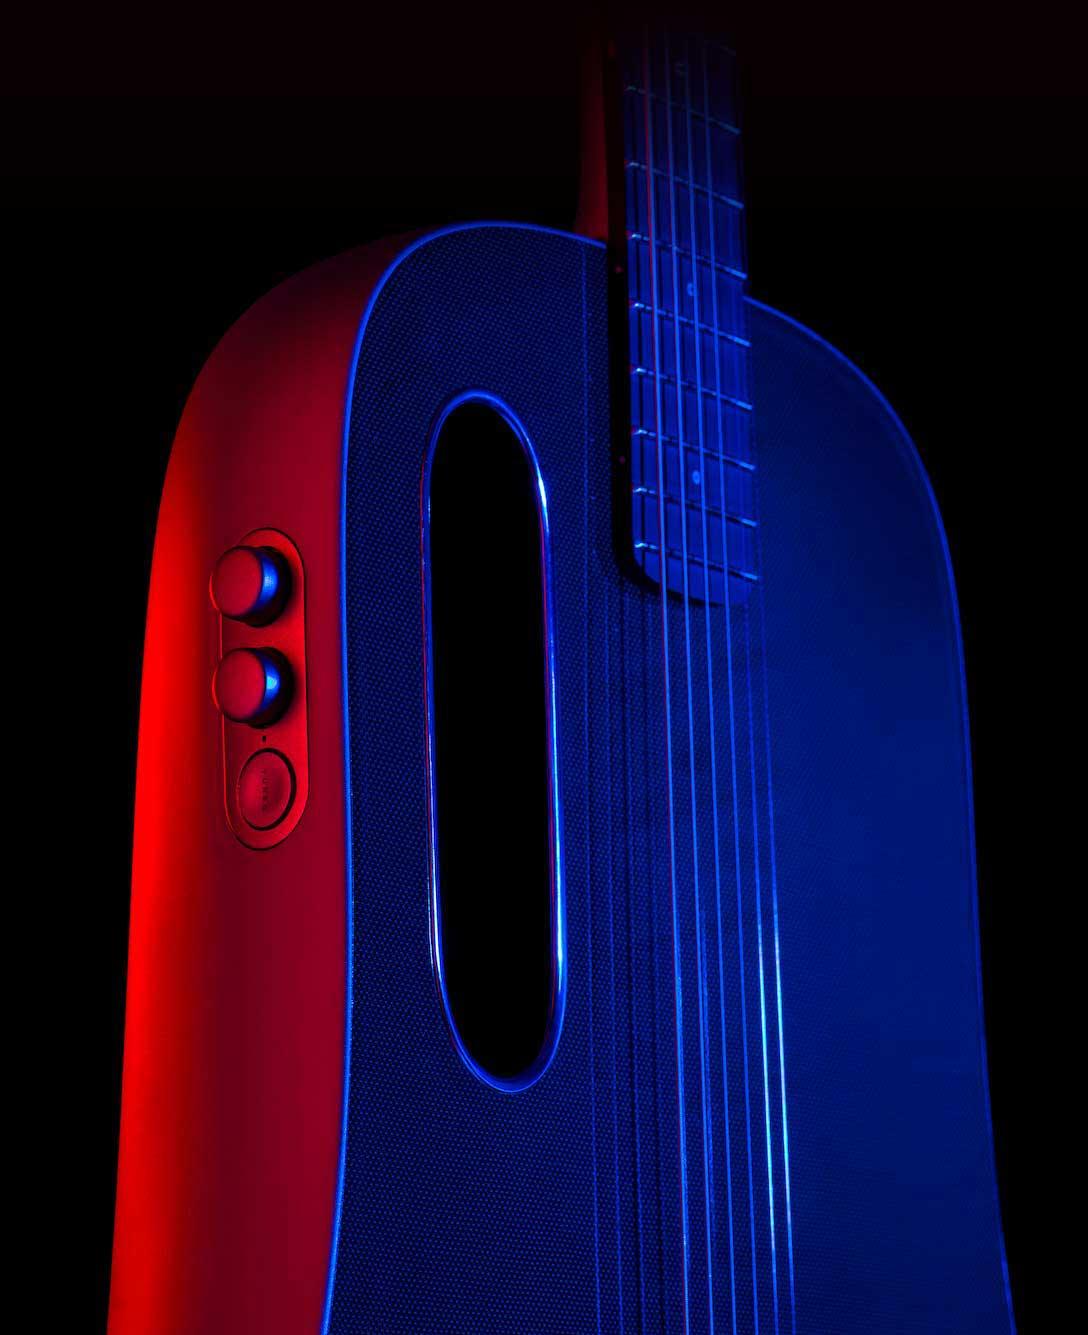 Lava Me Pro 在燈光下照射呈現深紅與深藍